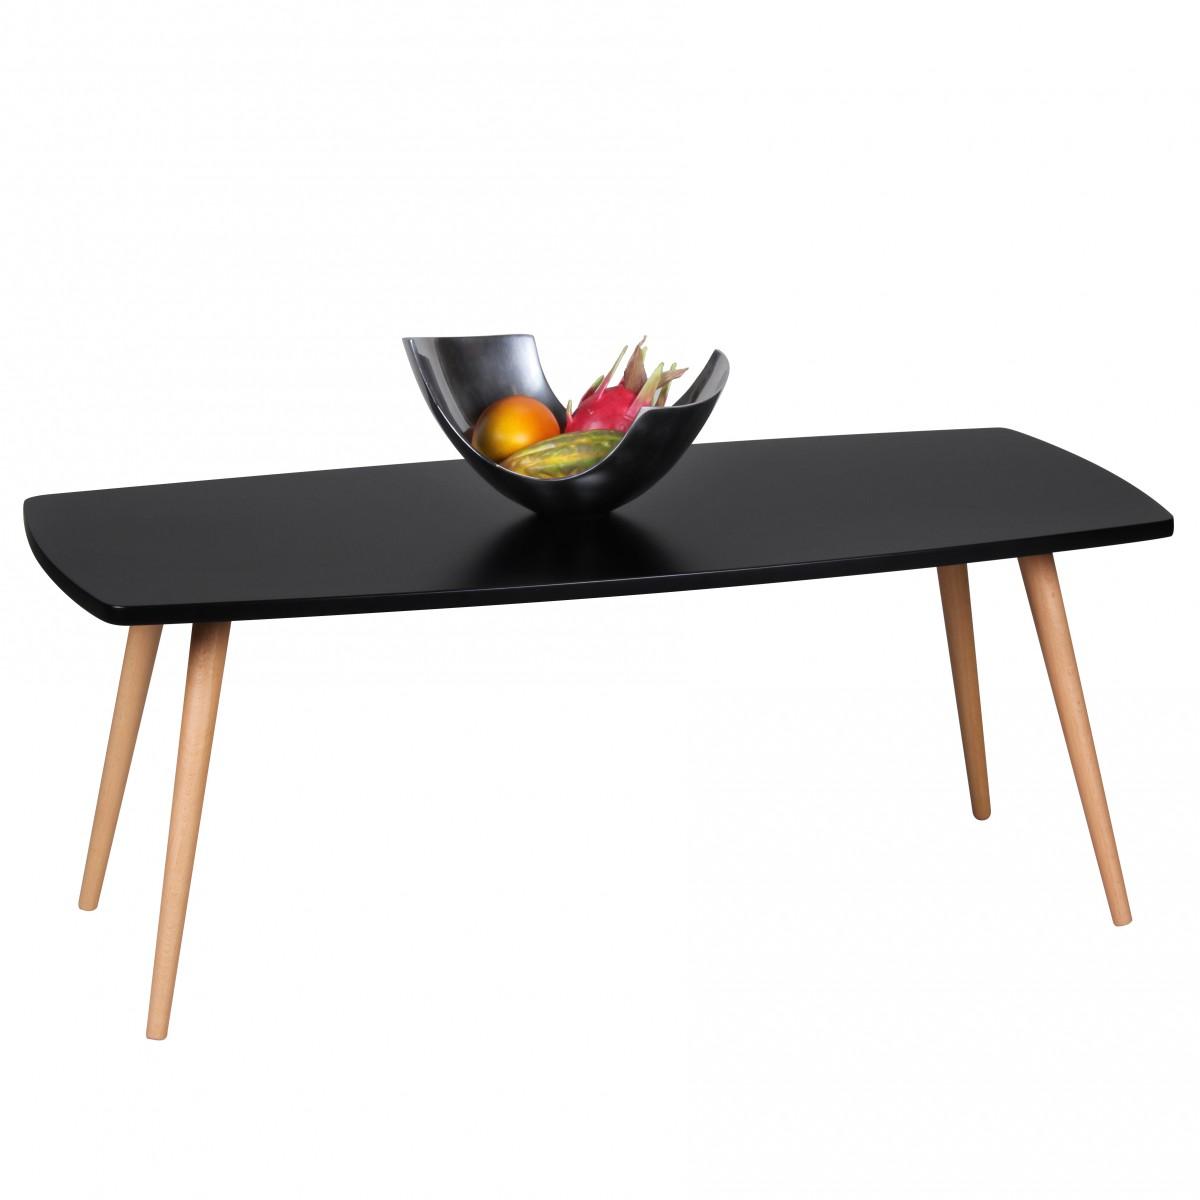 tisch 50 cm breit elegant best alter kleiner tisch mit schubkasten cm breit with esstisch cm. Black Bedroom Furniture Sets. Home Design Ideas